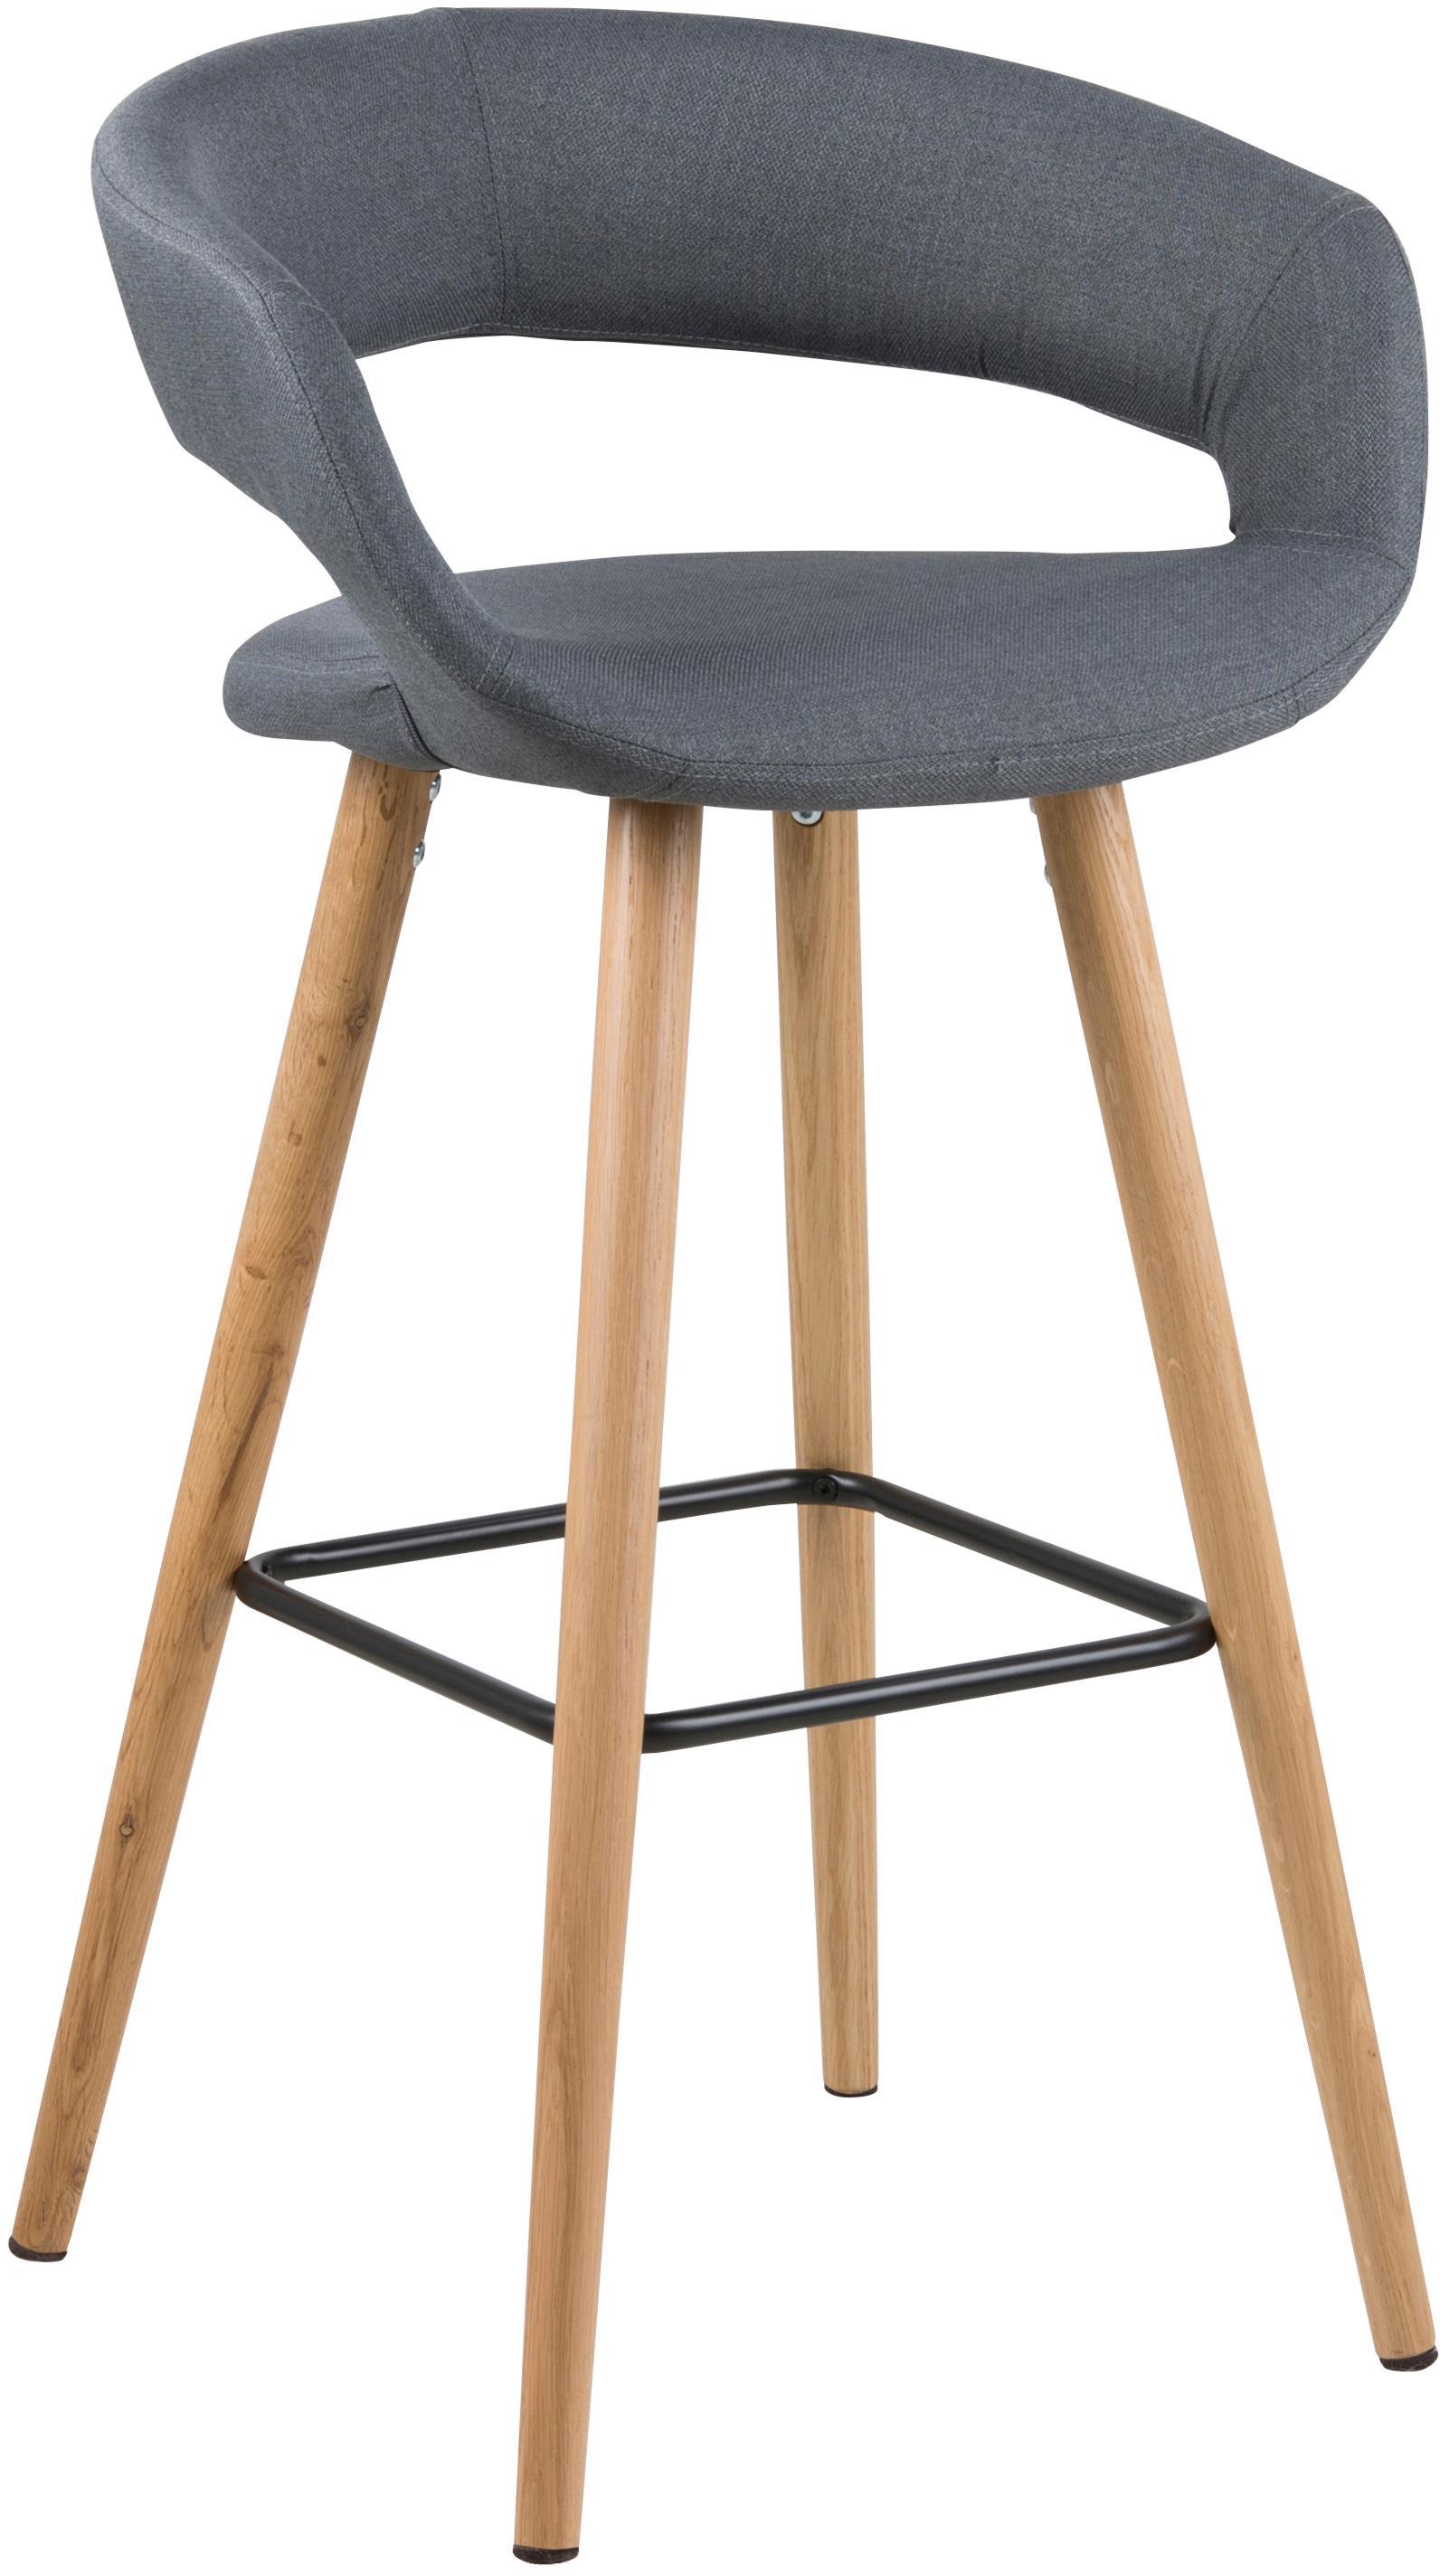 Sedie da bar Grace, 2 pz., Rivestimento: 100% poliestere, Gambe: legno di quercia, Rivestimento: grigio scuro<br>Gambe: legno di quercia<br>Poggiapiedi: nero, L 56 x A 97 cm